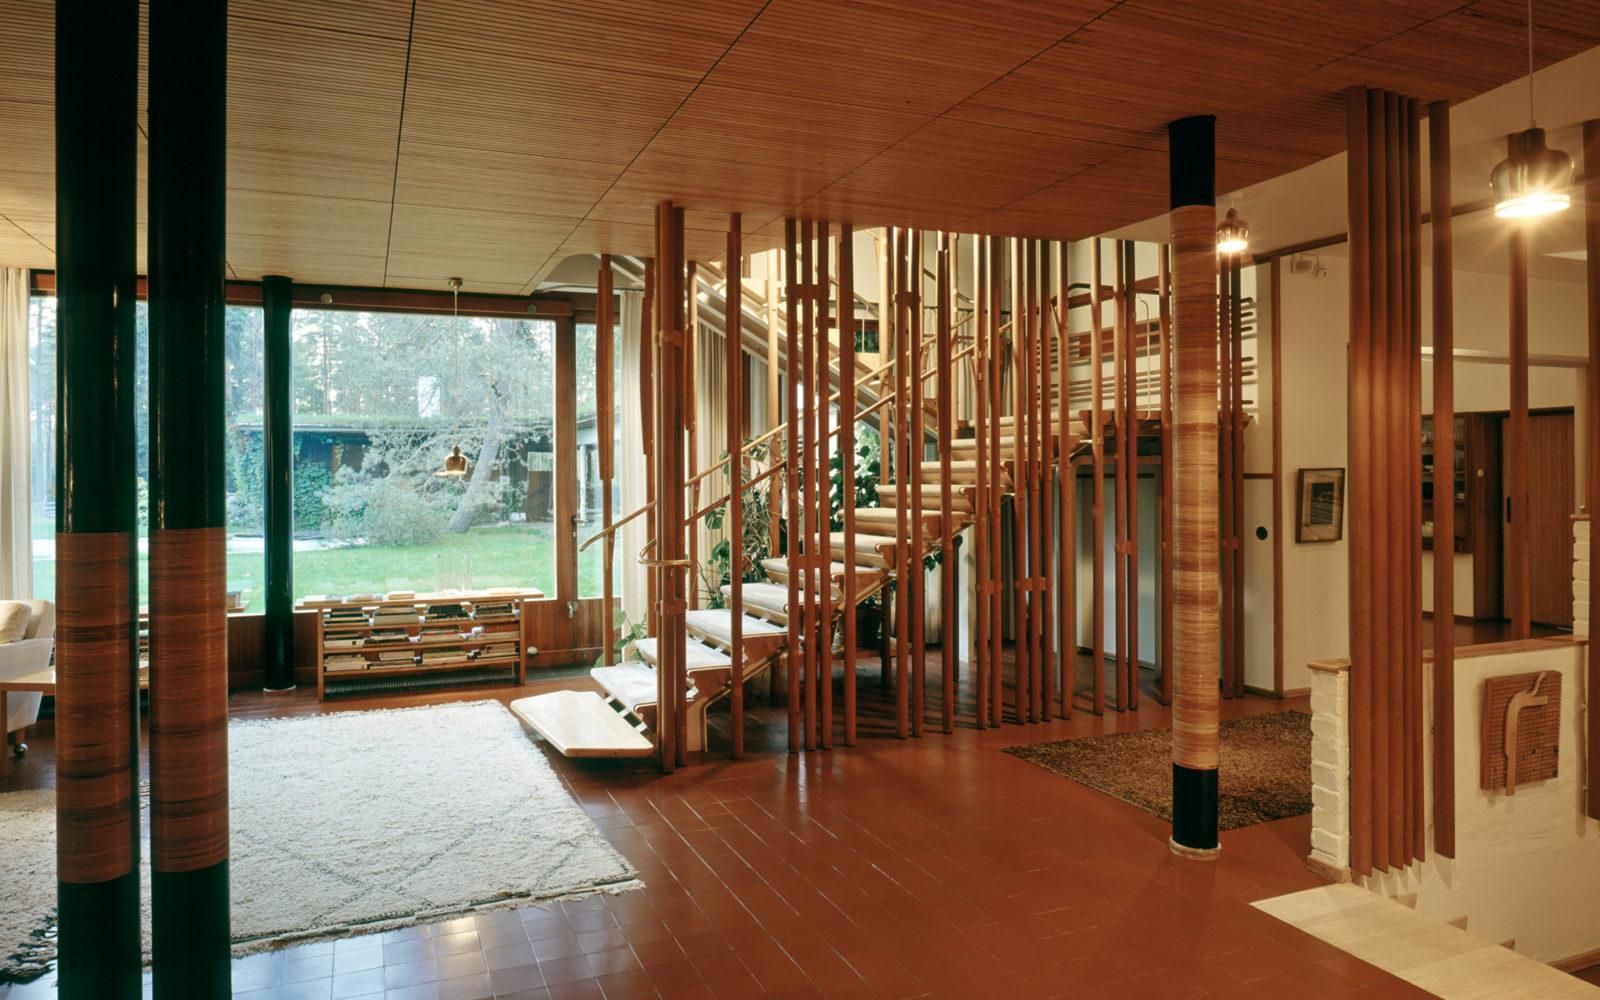 Villa-Mairea-Noormarkku-1939-living-room-stairs-photo-maija-holma-alvar-aalto-museum-av 1979